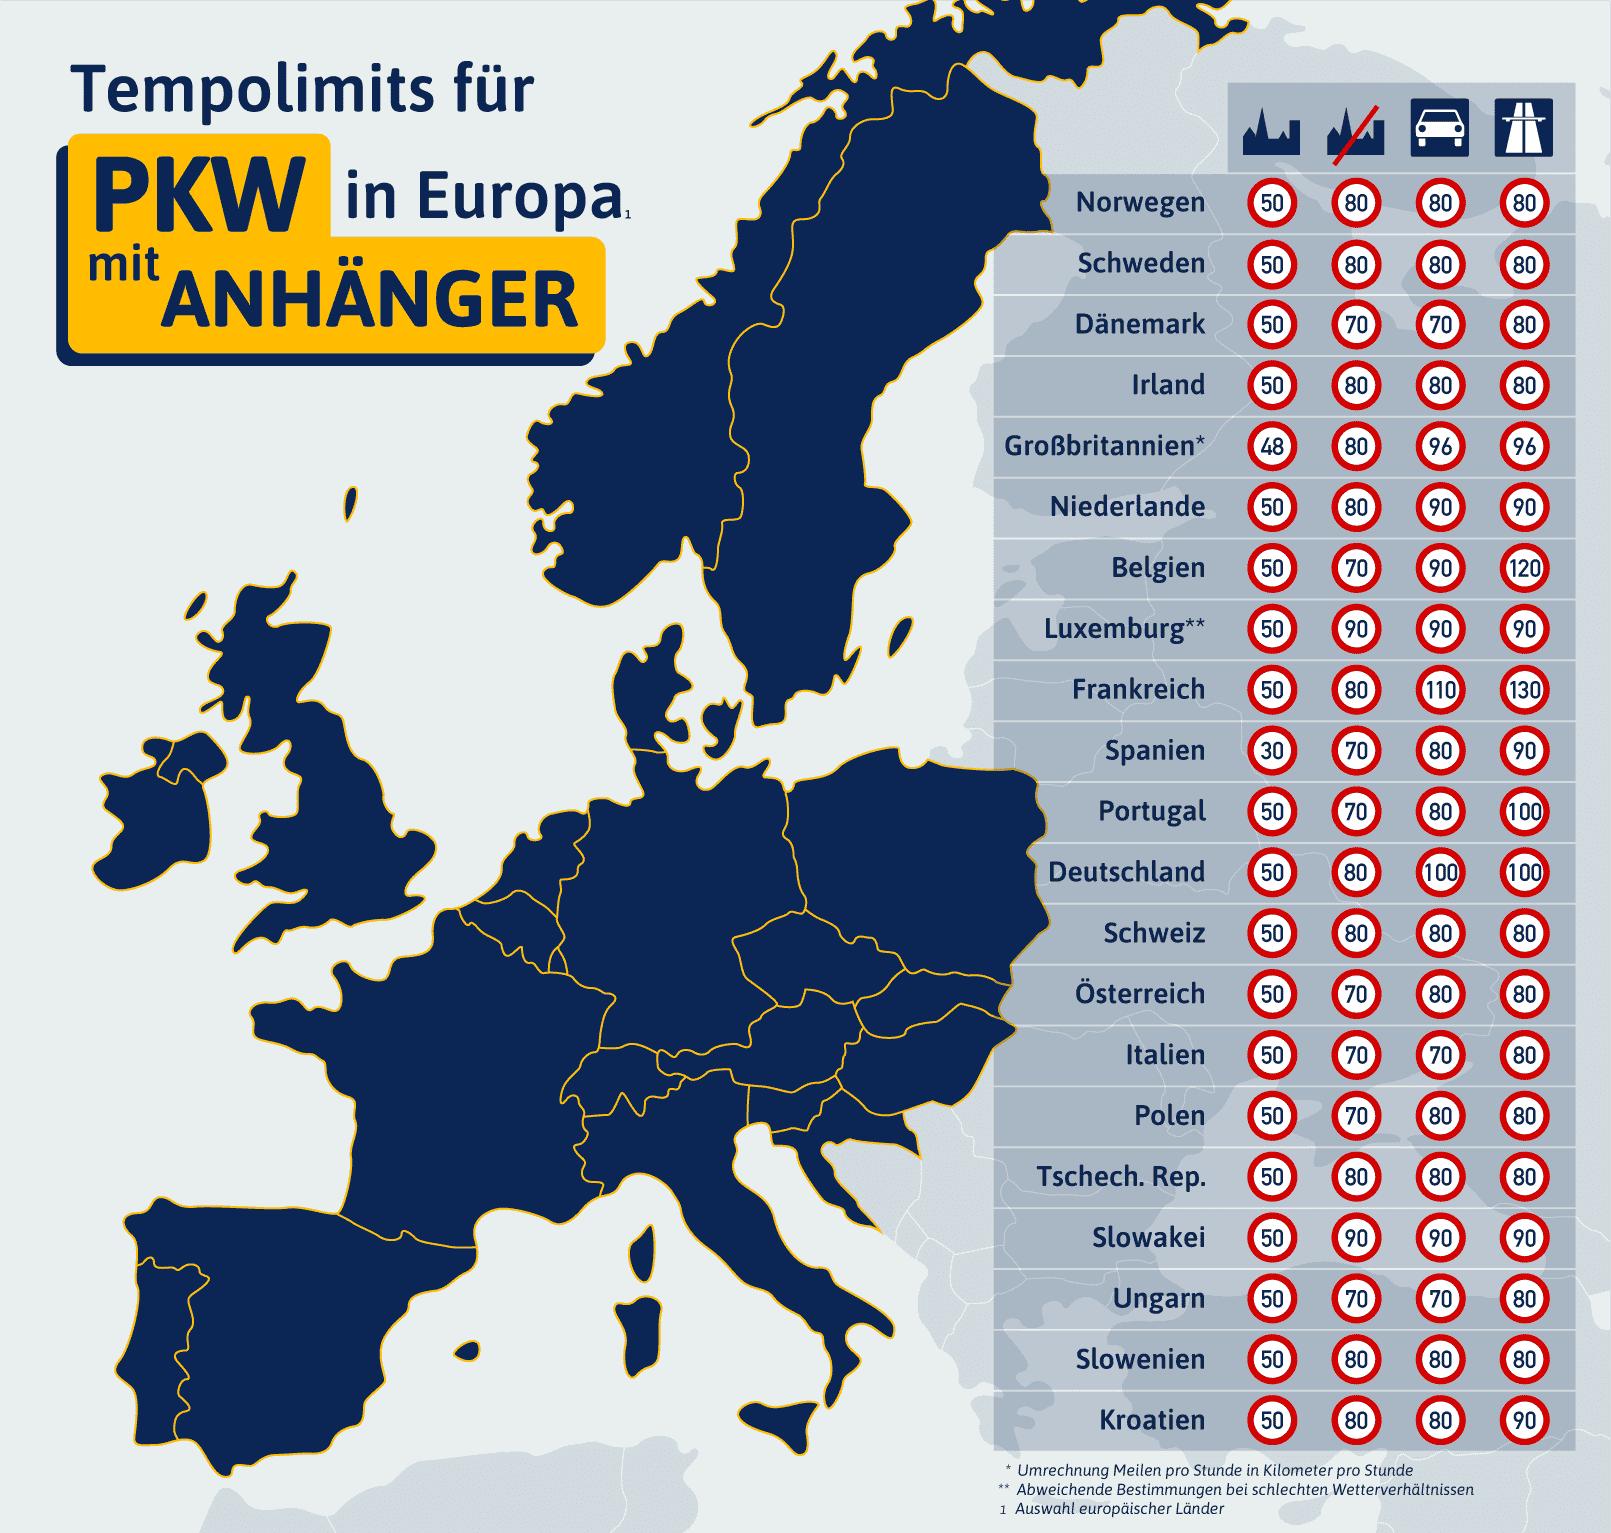 Infografik zum Tempolimit für Pkw mit Anhänger in Europa